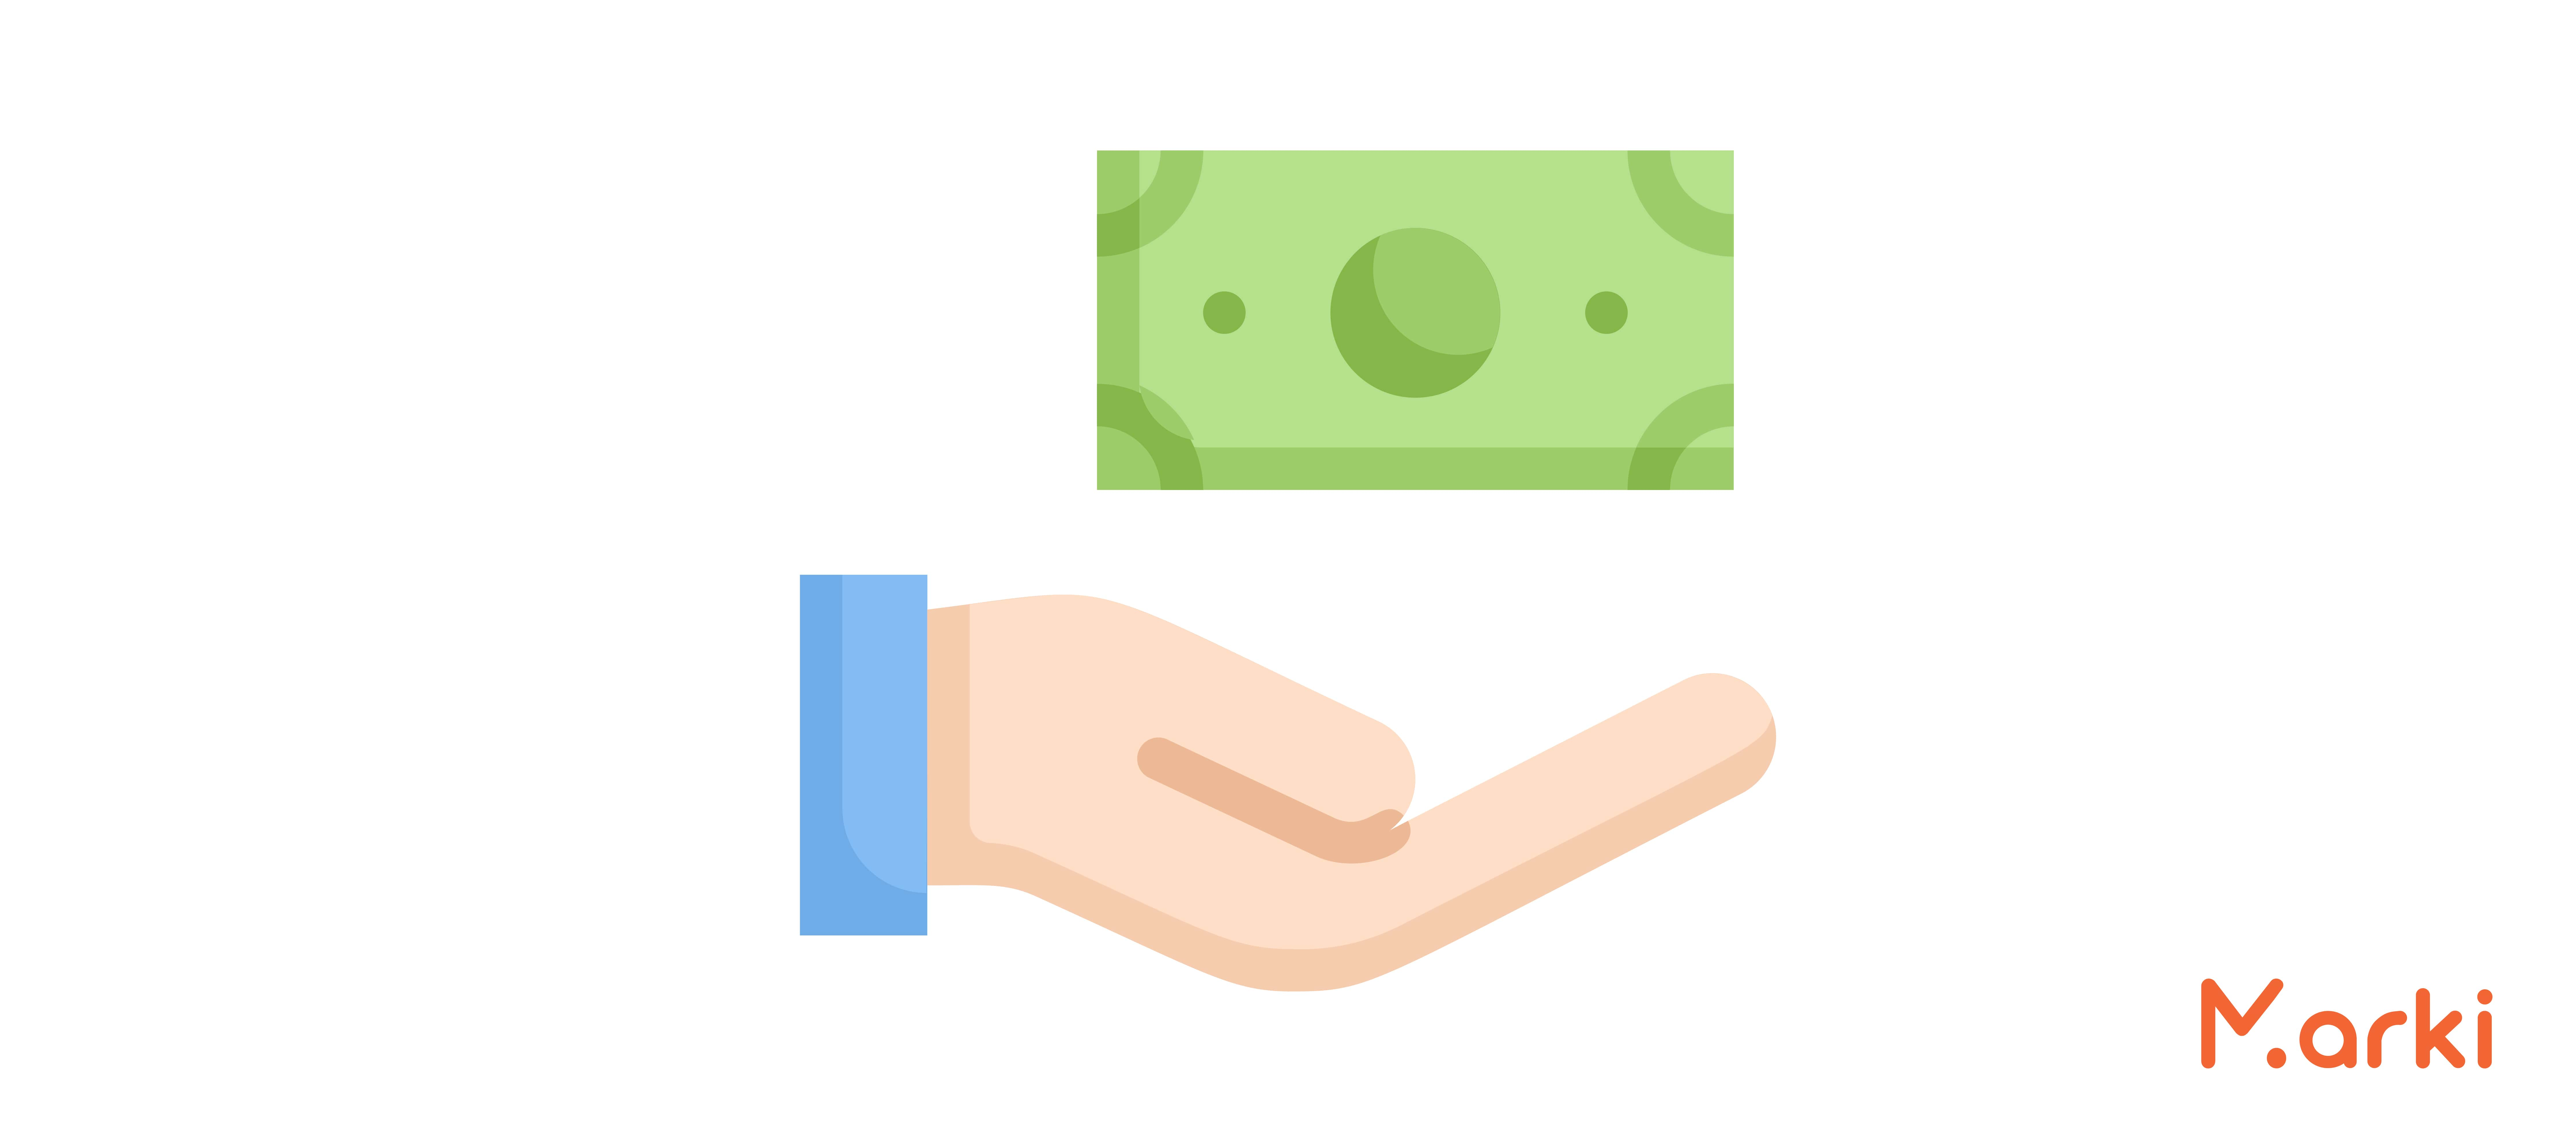 dinero voluntariado peru voluntariado online capacitacion de marketing digital voluntariado marki